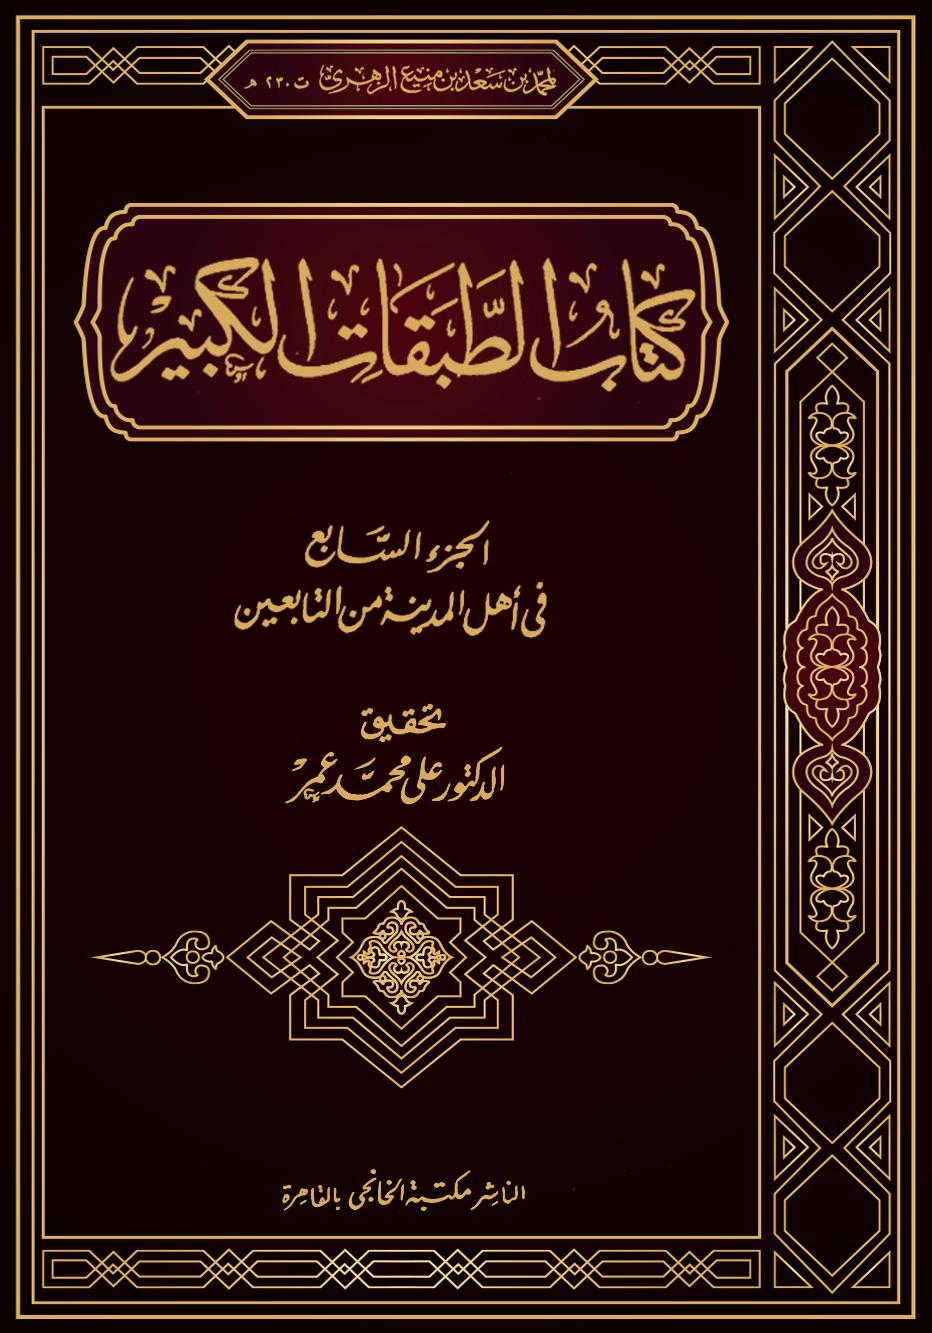 كتاب الطبقات الكبير (الجزء السابع: في أهل المدينة من التابعين)